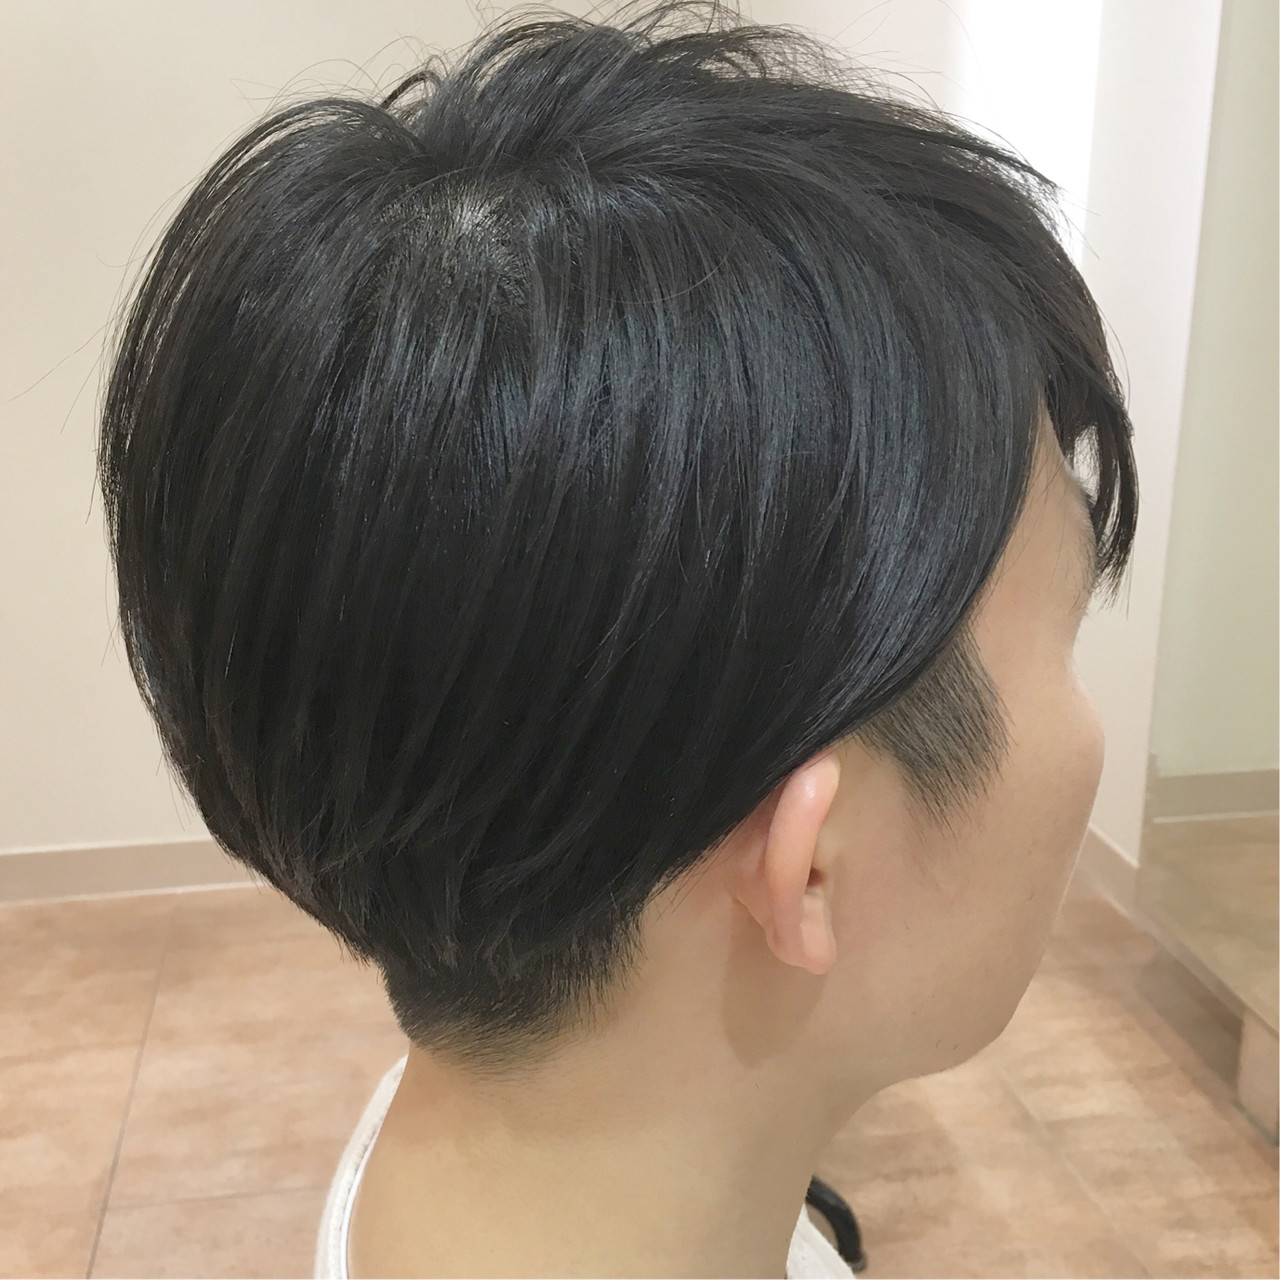 ショート メンズヘア ナチュラル 刈り上げ ヘアスタイルや髪型の写真・画像